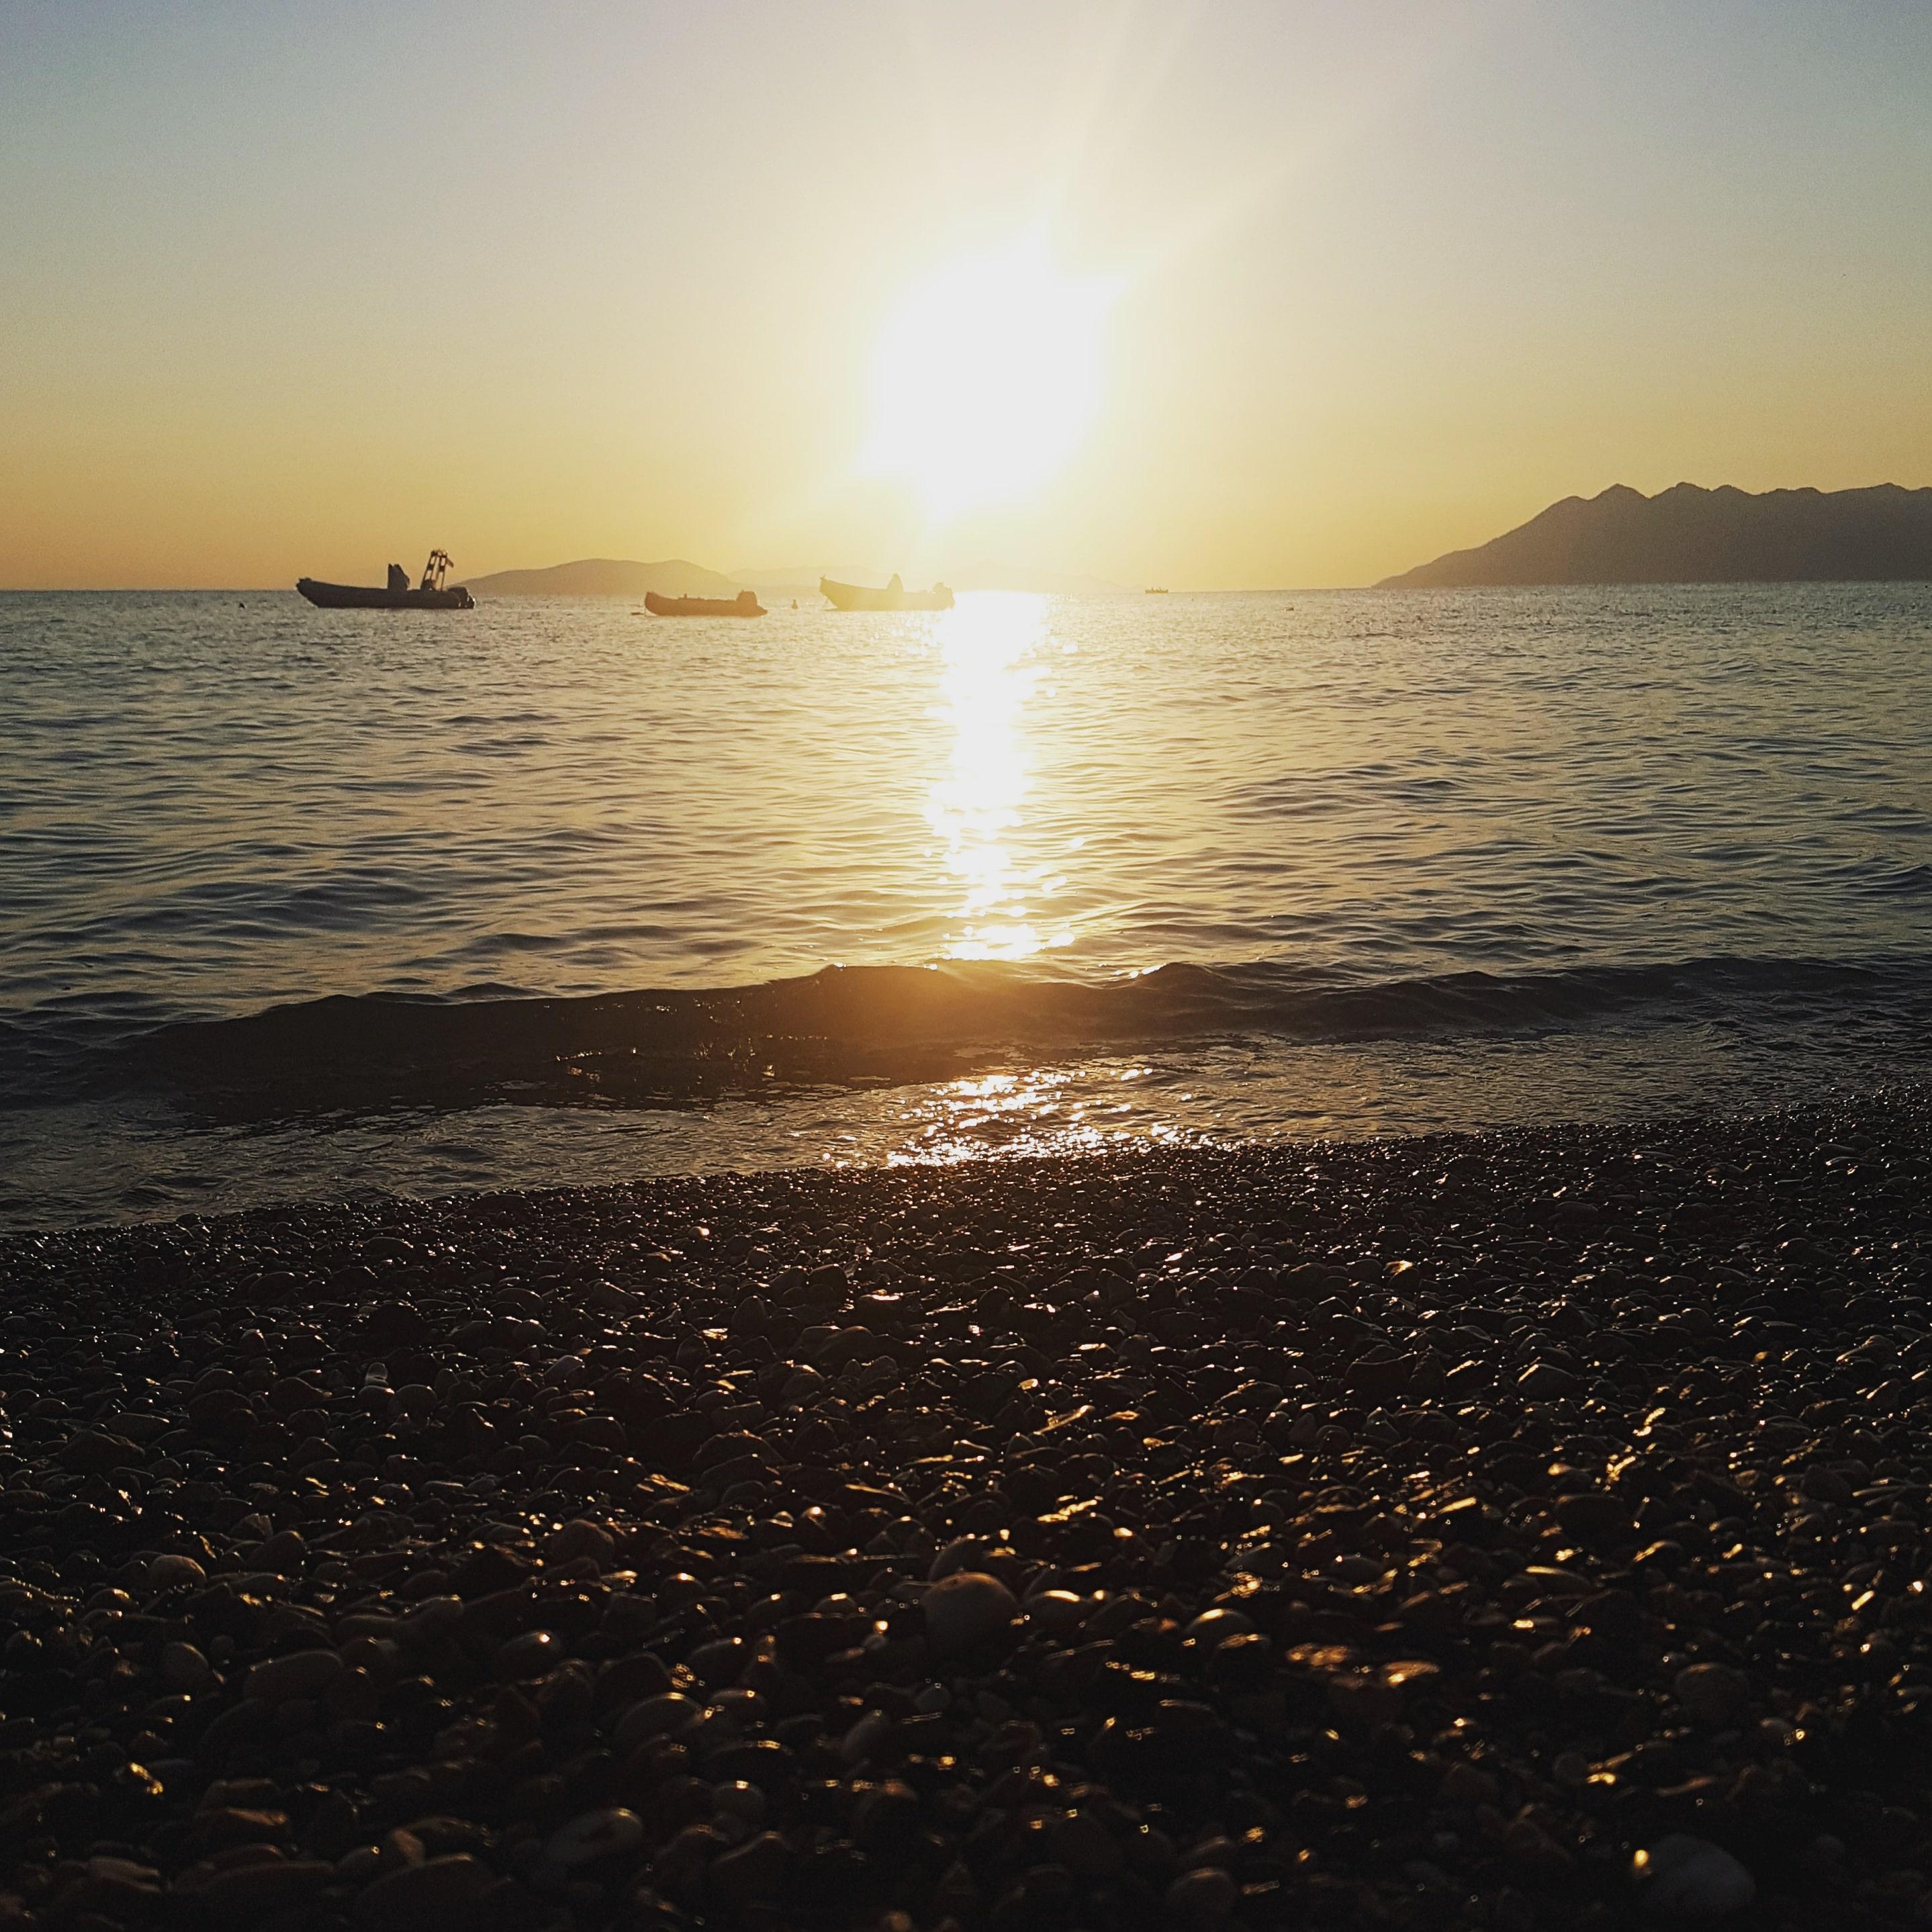 Campingplatz Bekas, Peleponnes, Griechenland, Camping, Wohnmobil, Reisen mit Kindern, Urlaub, Sommerferien, Strand, Sonnenaufgang